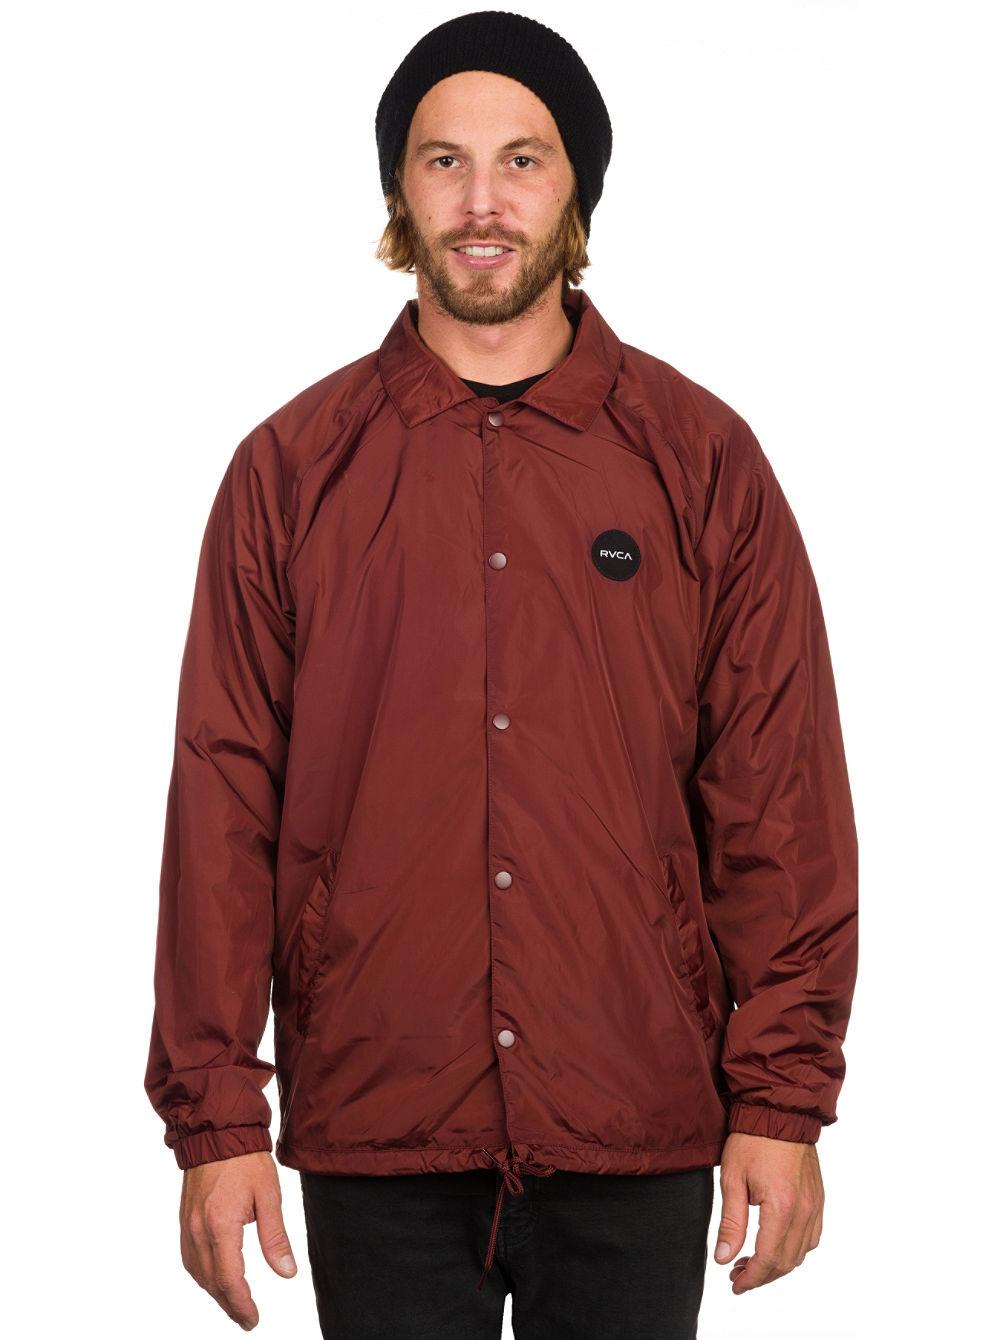 rvca-motors-coaches-jacket